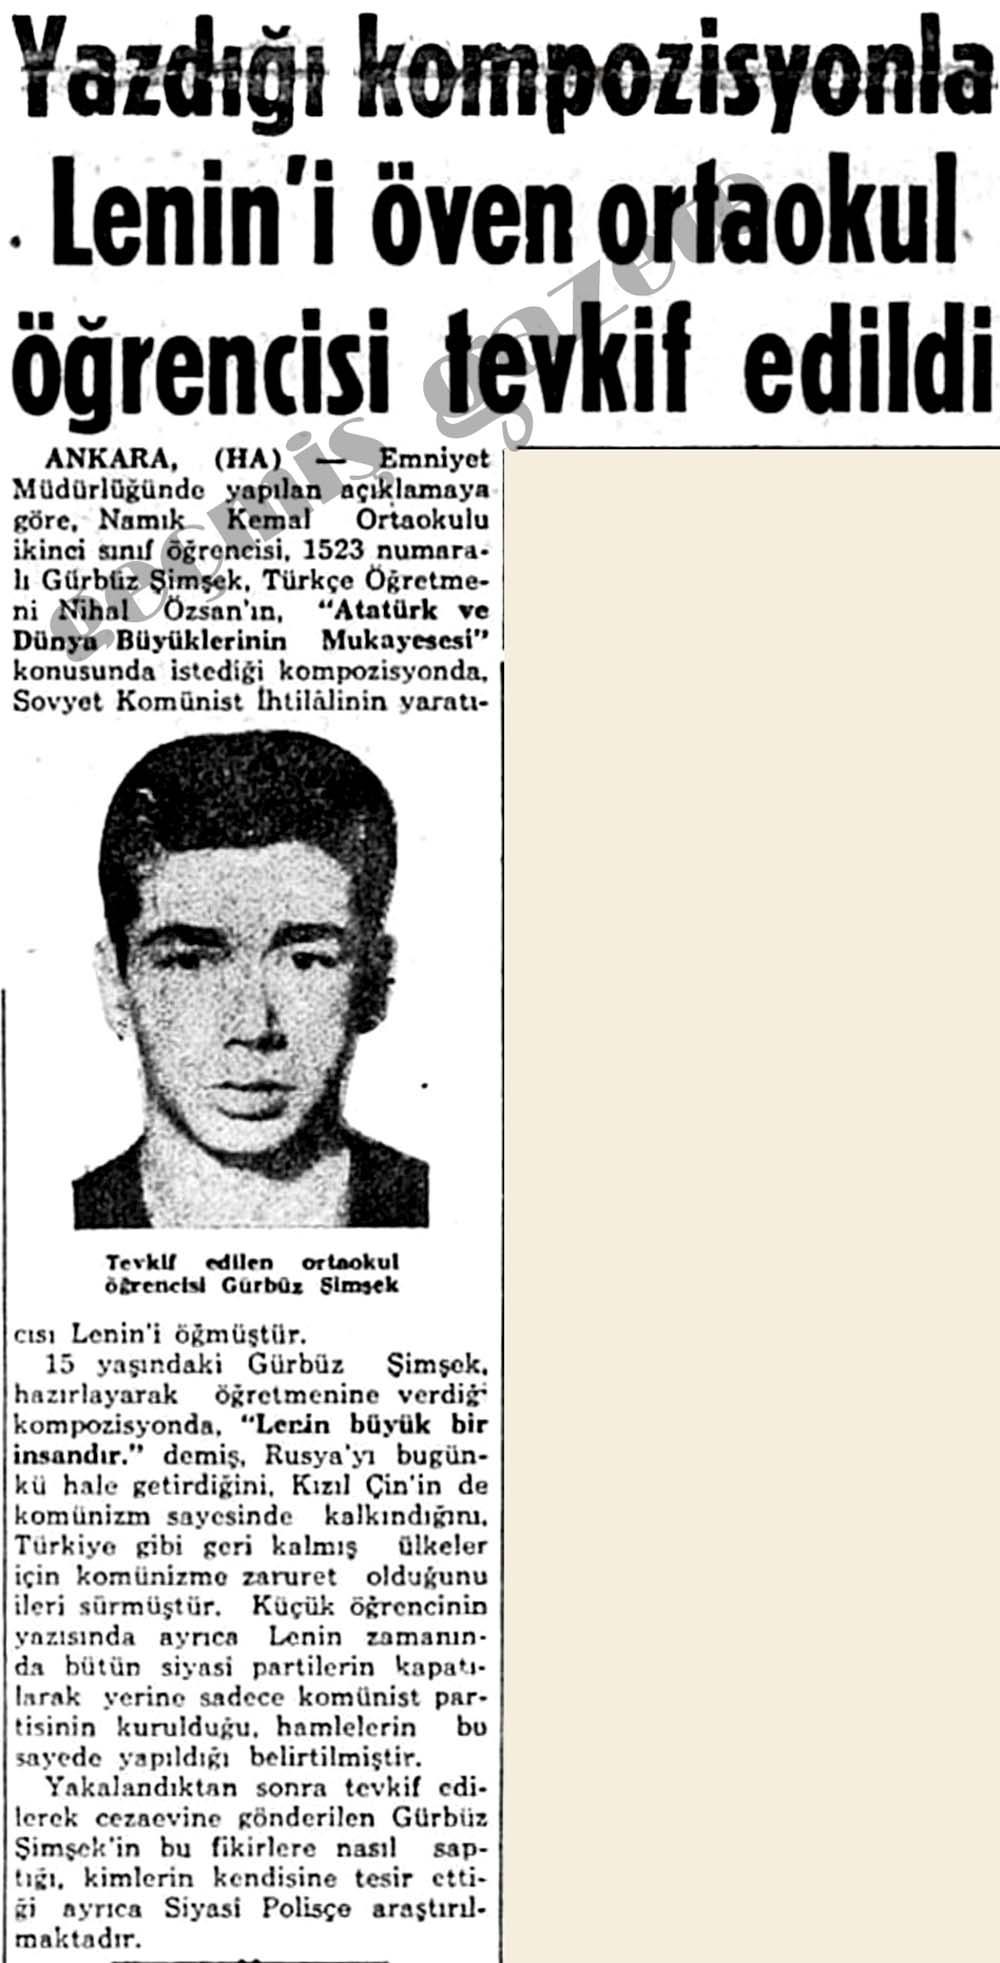 Yazdığı kompozisyonla Lenin'i öven ortaokul öğrencisi tevkif edildi